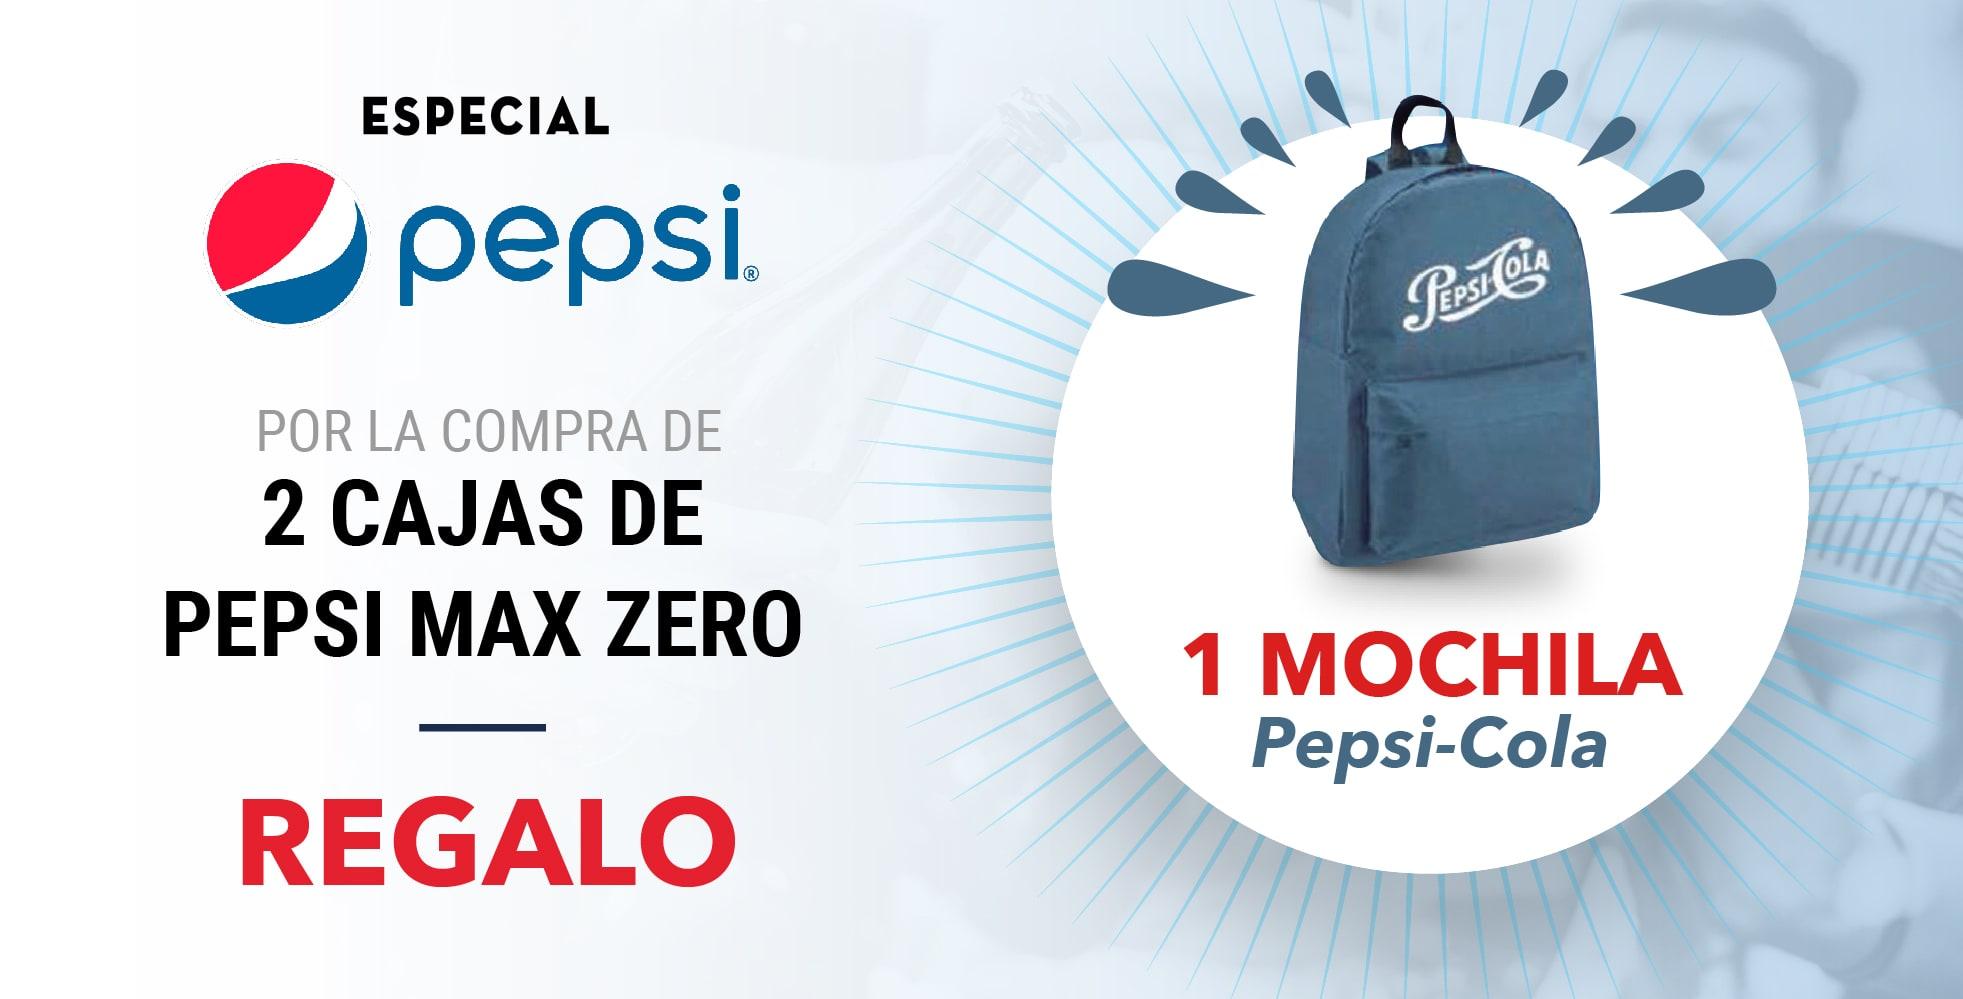 Especial Pepsi